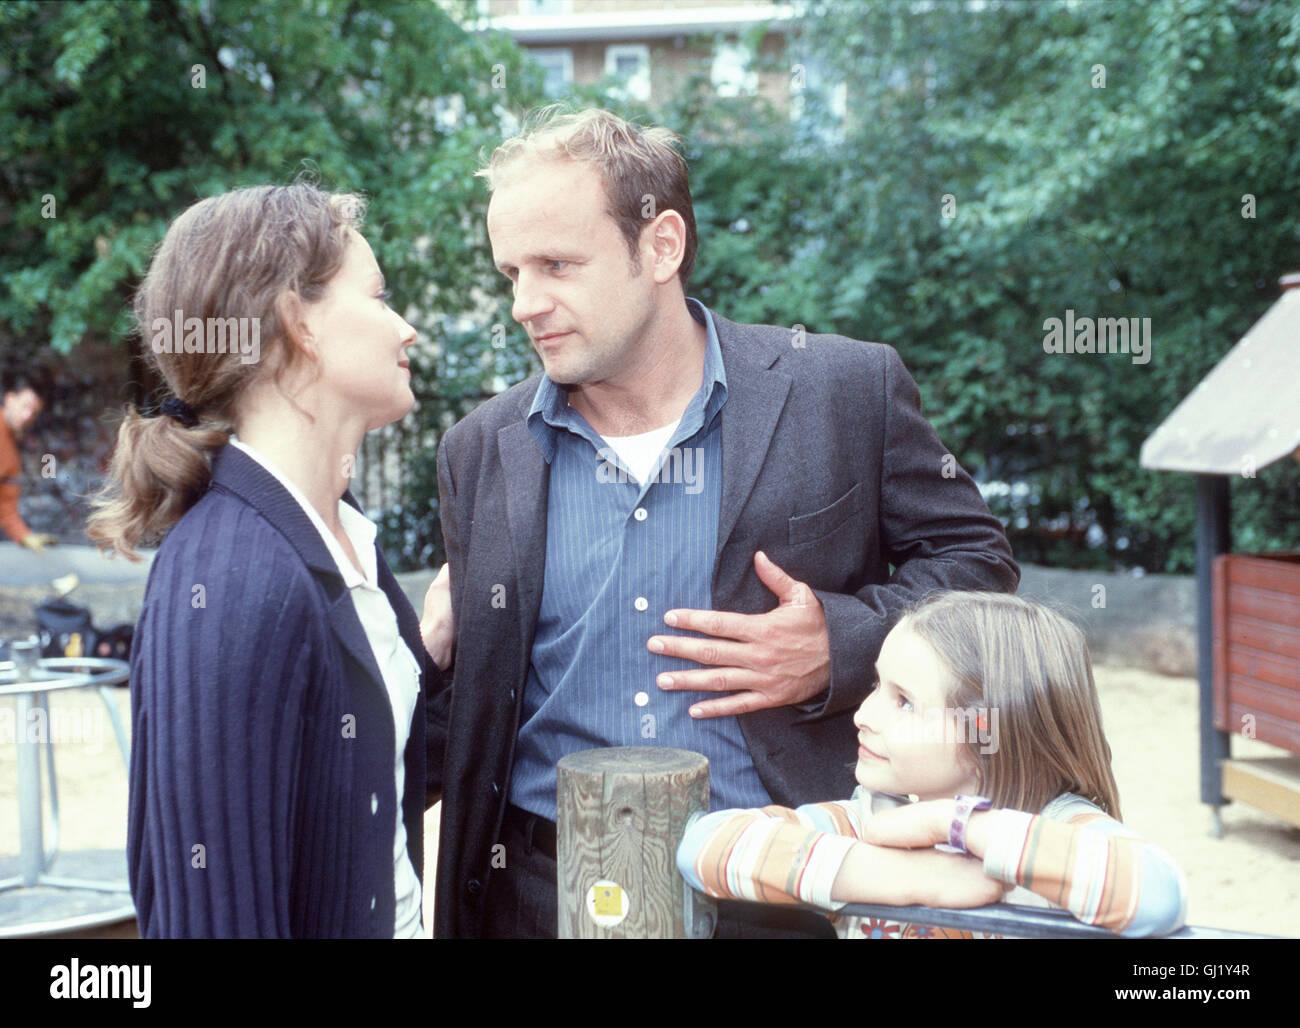 DER ERMITTLER- Szene: Die Ehe mit seiner Frau Carola (CARINA WIESE) ist für Paul Zorn (OLIVER STOKOWSKI) in die Brüche gegangen, weil sie sich auseinandergelebt haben. Bindeglied zwischen den beiden ist immer wieder ihre kleine Tochter Hanna (CHARLOTTE BELLMANN).  Regie: Michael Mackenroth Stock Photo